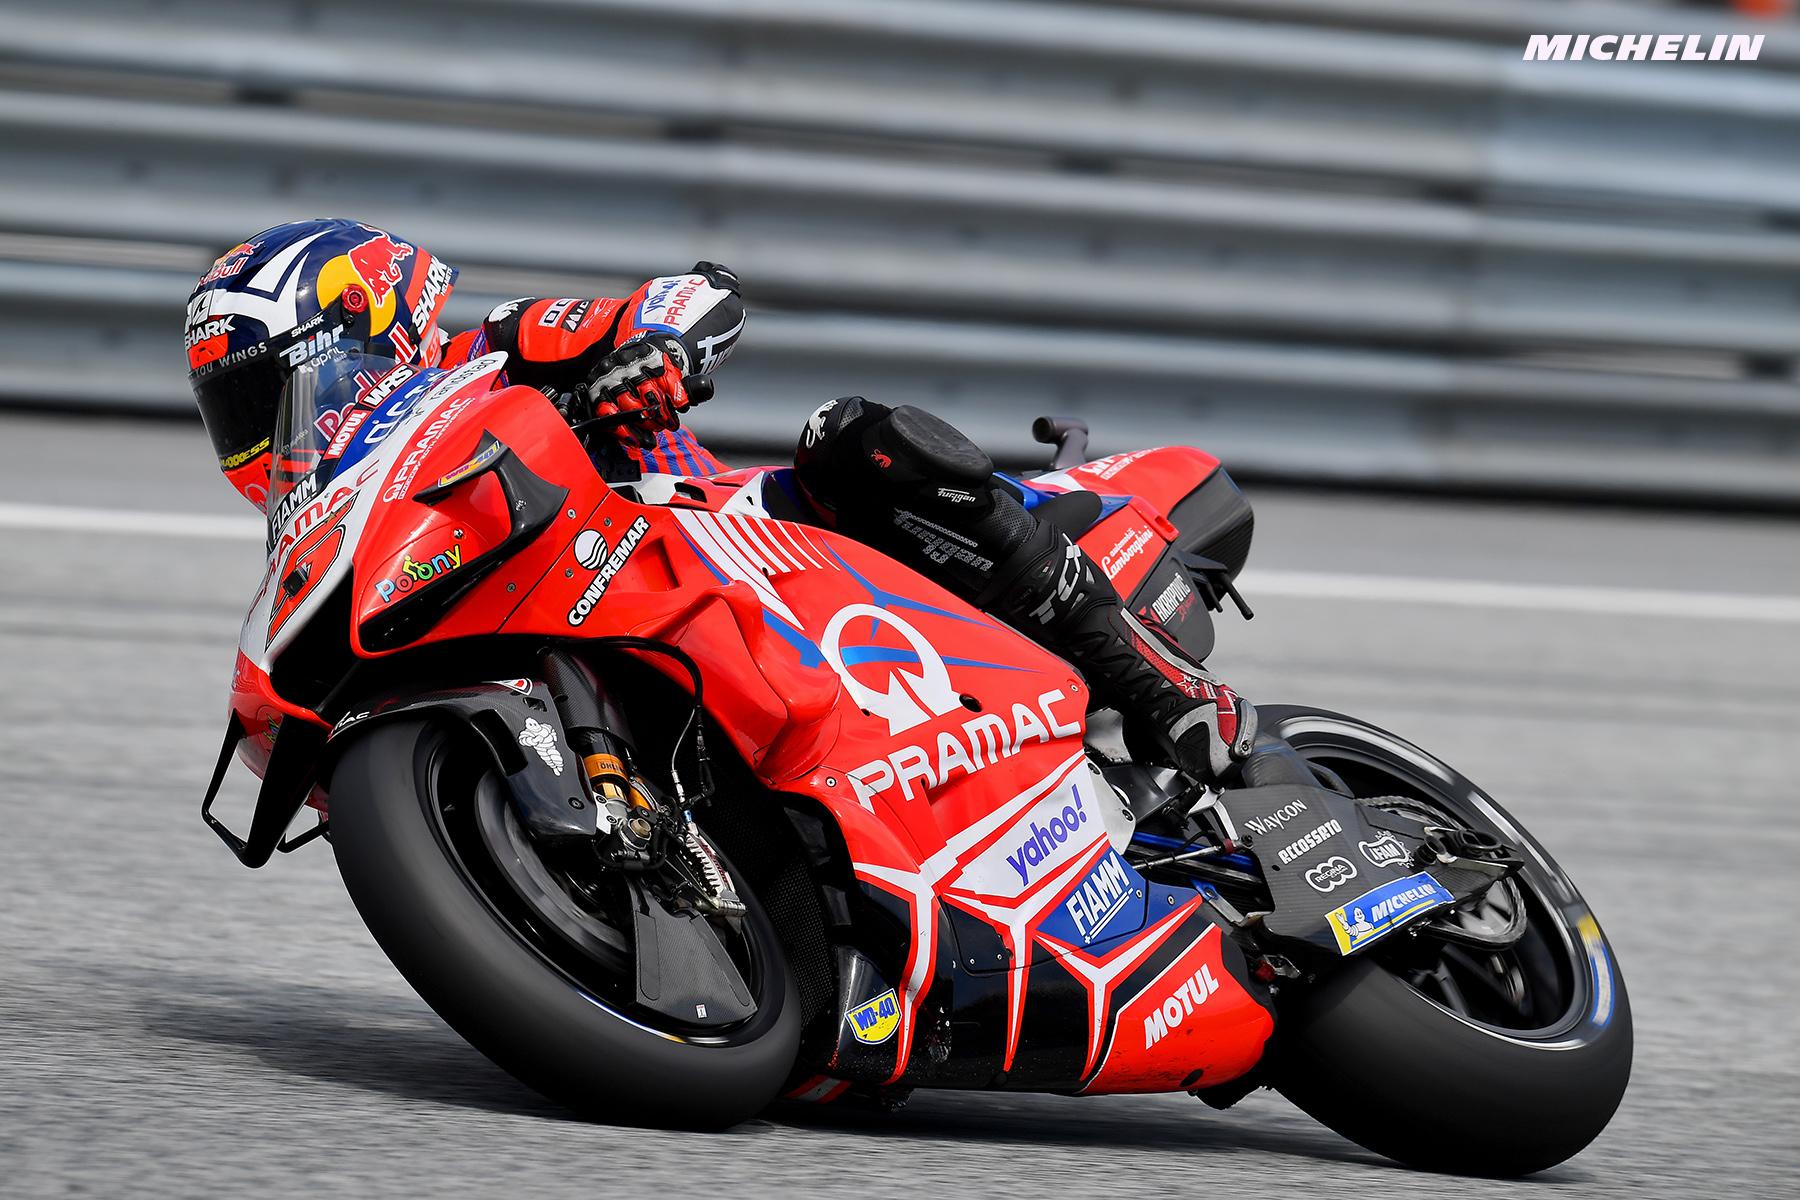 MotoGP2021スティリアGP 予選6位ヨハン・ザルコ「まだ改善の余地がある」